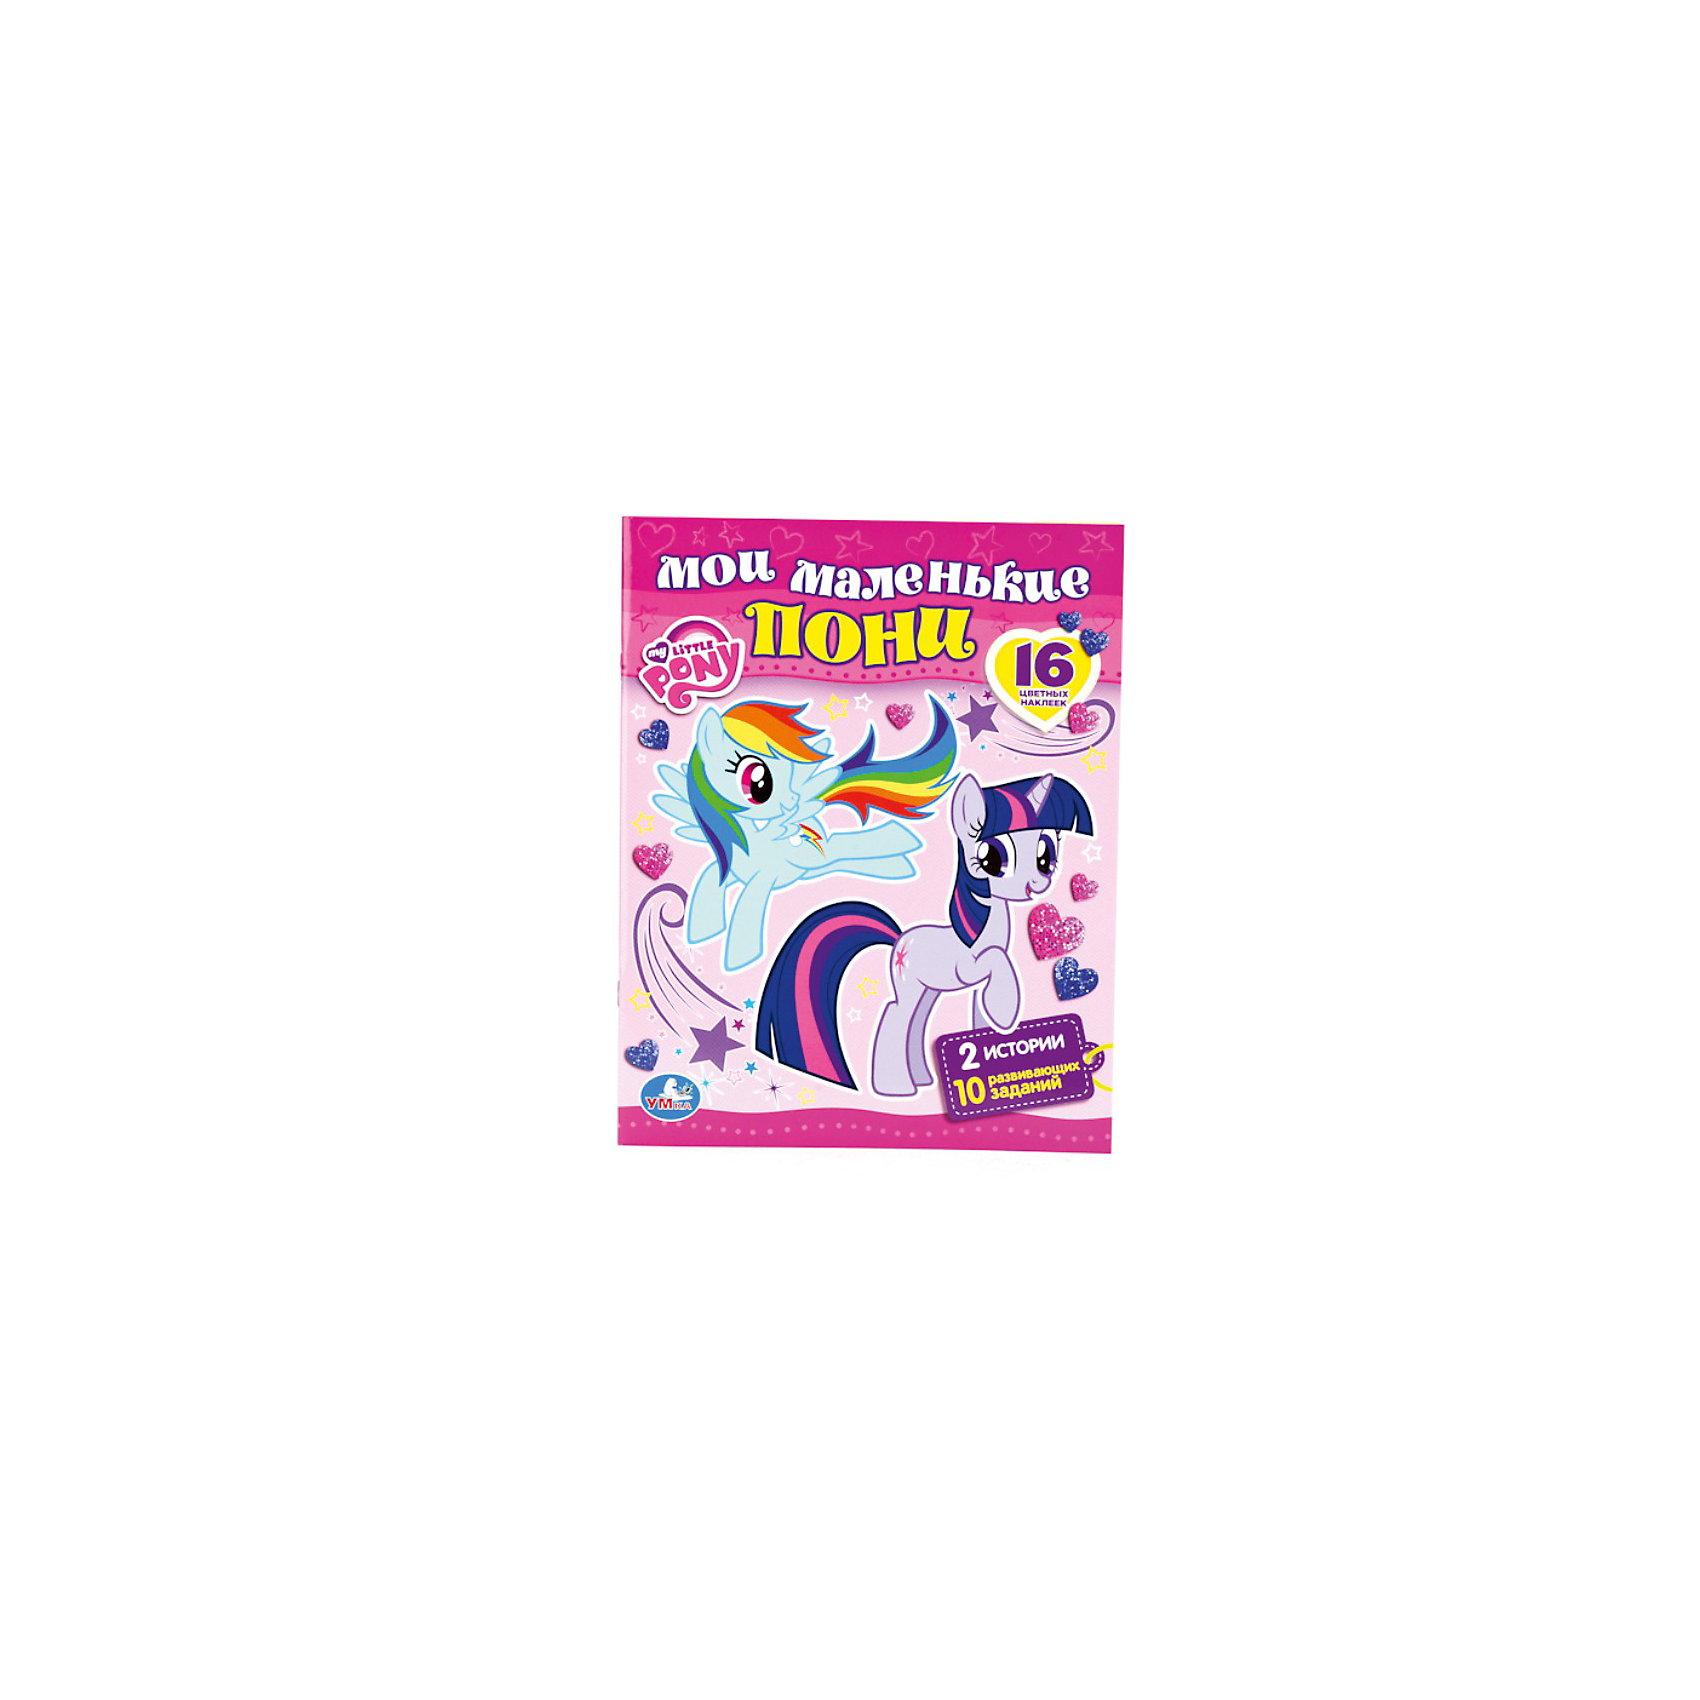 Книга с заданиями и наклейками Мульткнижка, My little PonyМульткнижка с наклейками, My little Pony (Моя маленькая Пони) - это чудесная находка, которая содержит все, что любят малыши: интересные истории, любимых персонажей, яркие наклейки! Теперь проводить время с героями любимого мультфильма My little Pony (Моя маленькая Пони) так просто! Открывайте странички этой книги и читайте рассказы по мотивам сериала: Искорка, Рарити, Пинки Пай и другие жители Понивилля спешат поделиться с Вами секретами настоящей дружбы. Красочные картинки и интересные задания помогут погрузиться в мир первых знаний и чудесно провести время. Читайте и играйте с любимыми героями дома и в дороге!<br><br>Дополнительная информация:<br><br>- Количество страниц: 16 + 4 стр.стикер;<br>- 2 истории + 10 развивающих заданий;<br>- 16 цветных наклеек;<br>- Мягкая обложка;<br>- Прекрасный подарок поклонникам сериала My little Pony (Моя маленькая Пони);<br>- Яркие иллюстрации;<br>- Размер: 19,7 х 25 см;<br>- Вес: 90 г<br><br>Мульткнижку с наклейками, My little Pony (Мой маленькая Пони), Умка можно купить в нашем интернет-магазине.<br><br>Ширина мм: 200<br>Глубина мм: 5<br>Высота мм: 250<br>Вес г: 90<br>Возраст от месяцев: 36<br>Возраст до месяцев: 84<br>Пол: Женский<br>Возраст: Детский<br>SKU: 3801084